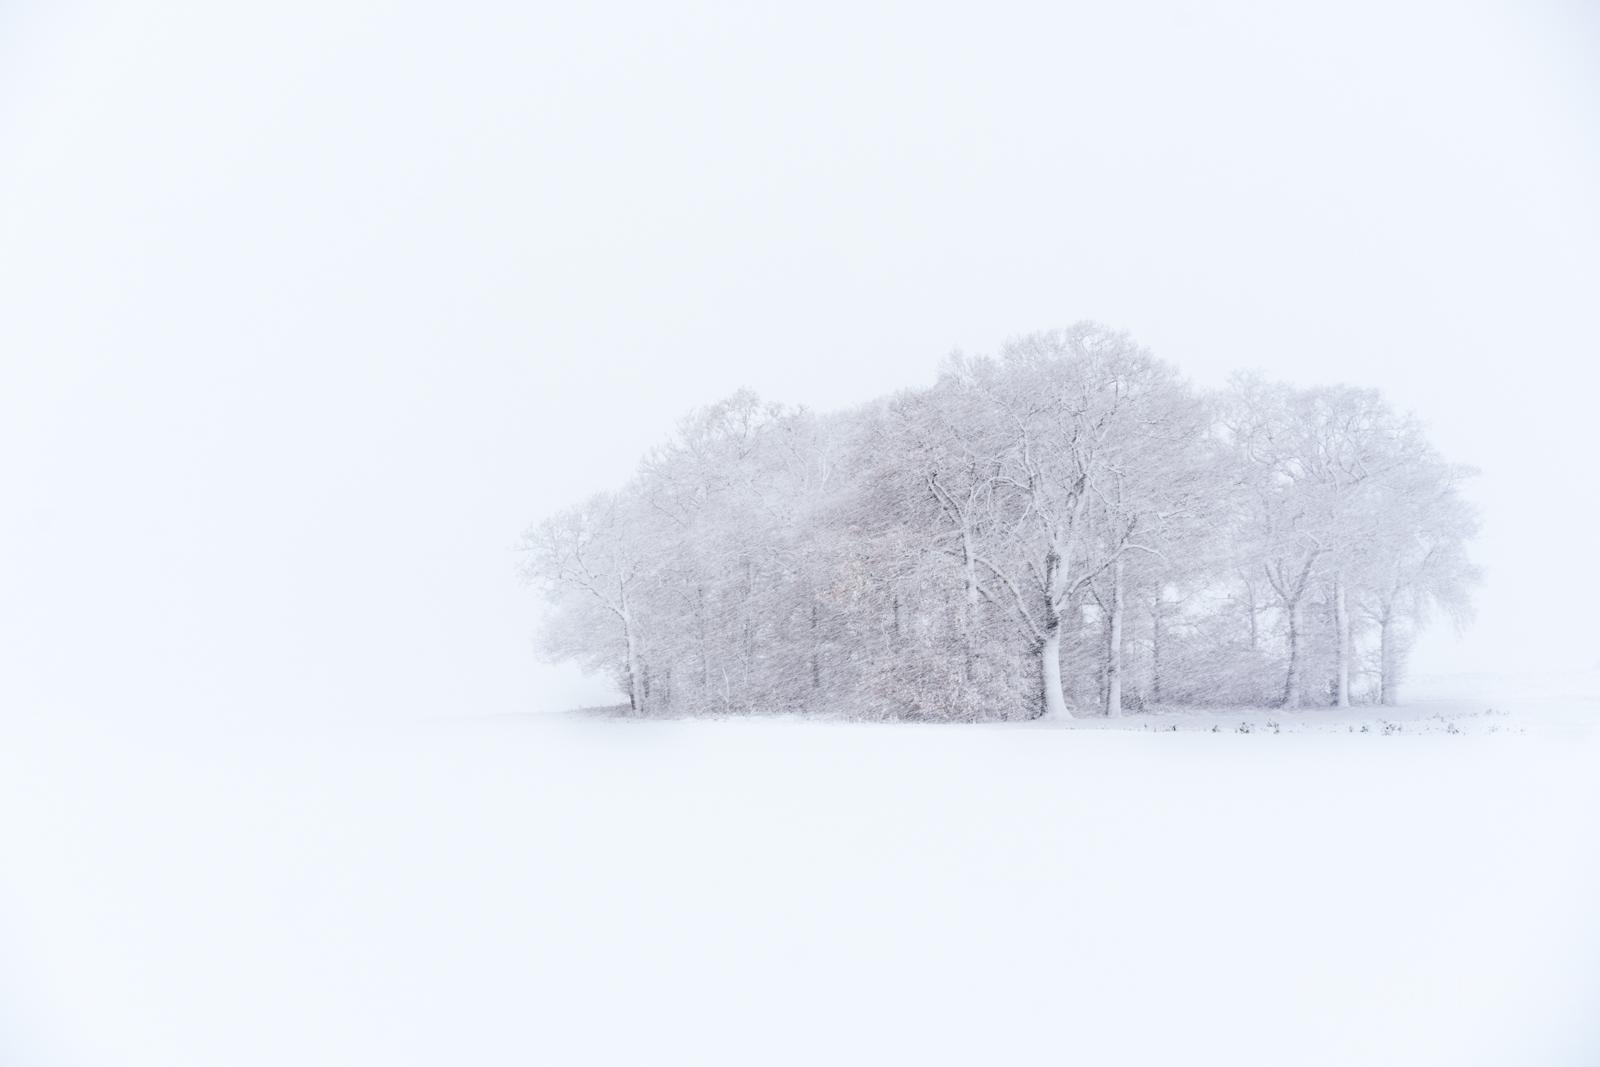 Snowy Copse of trees